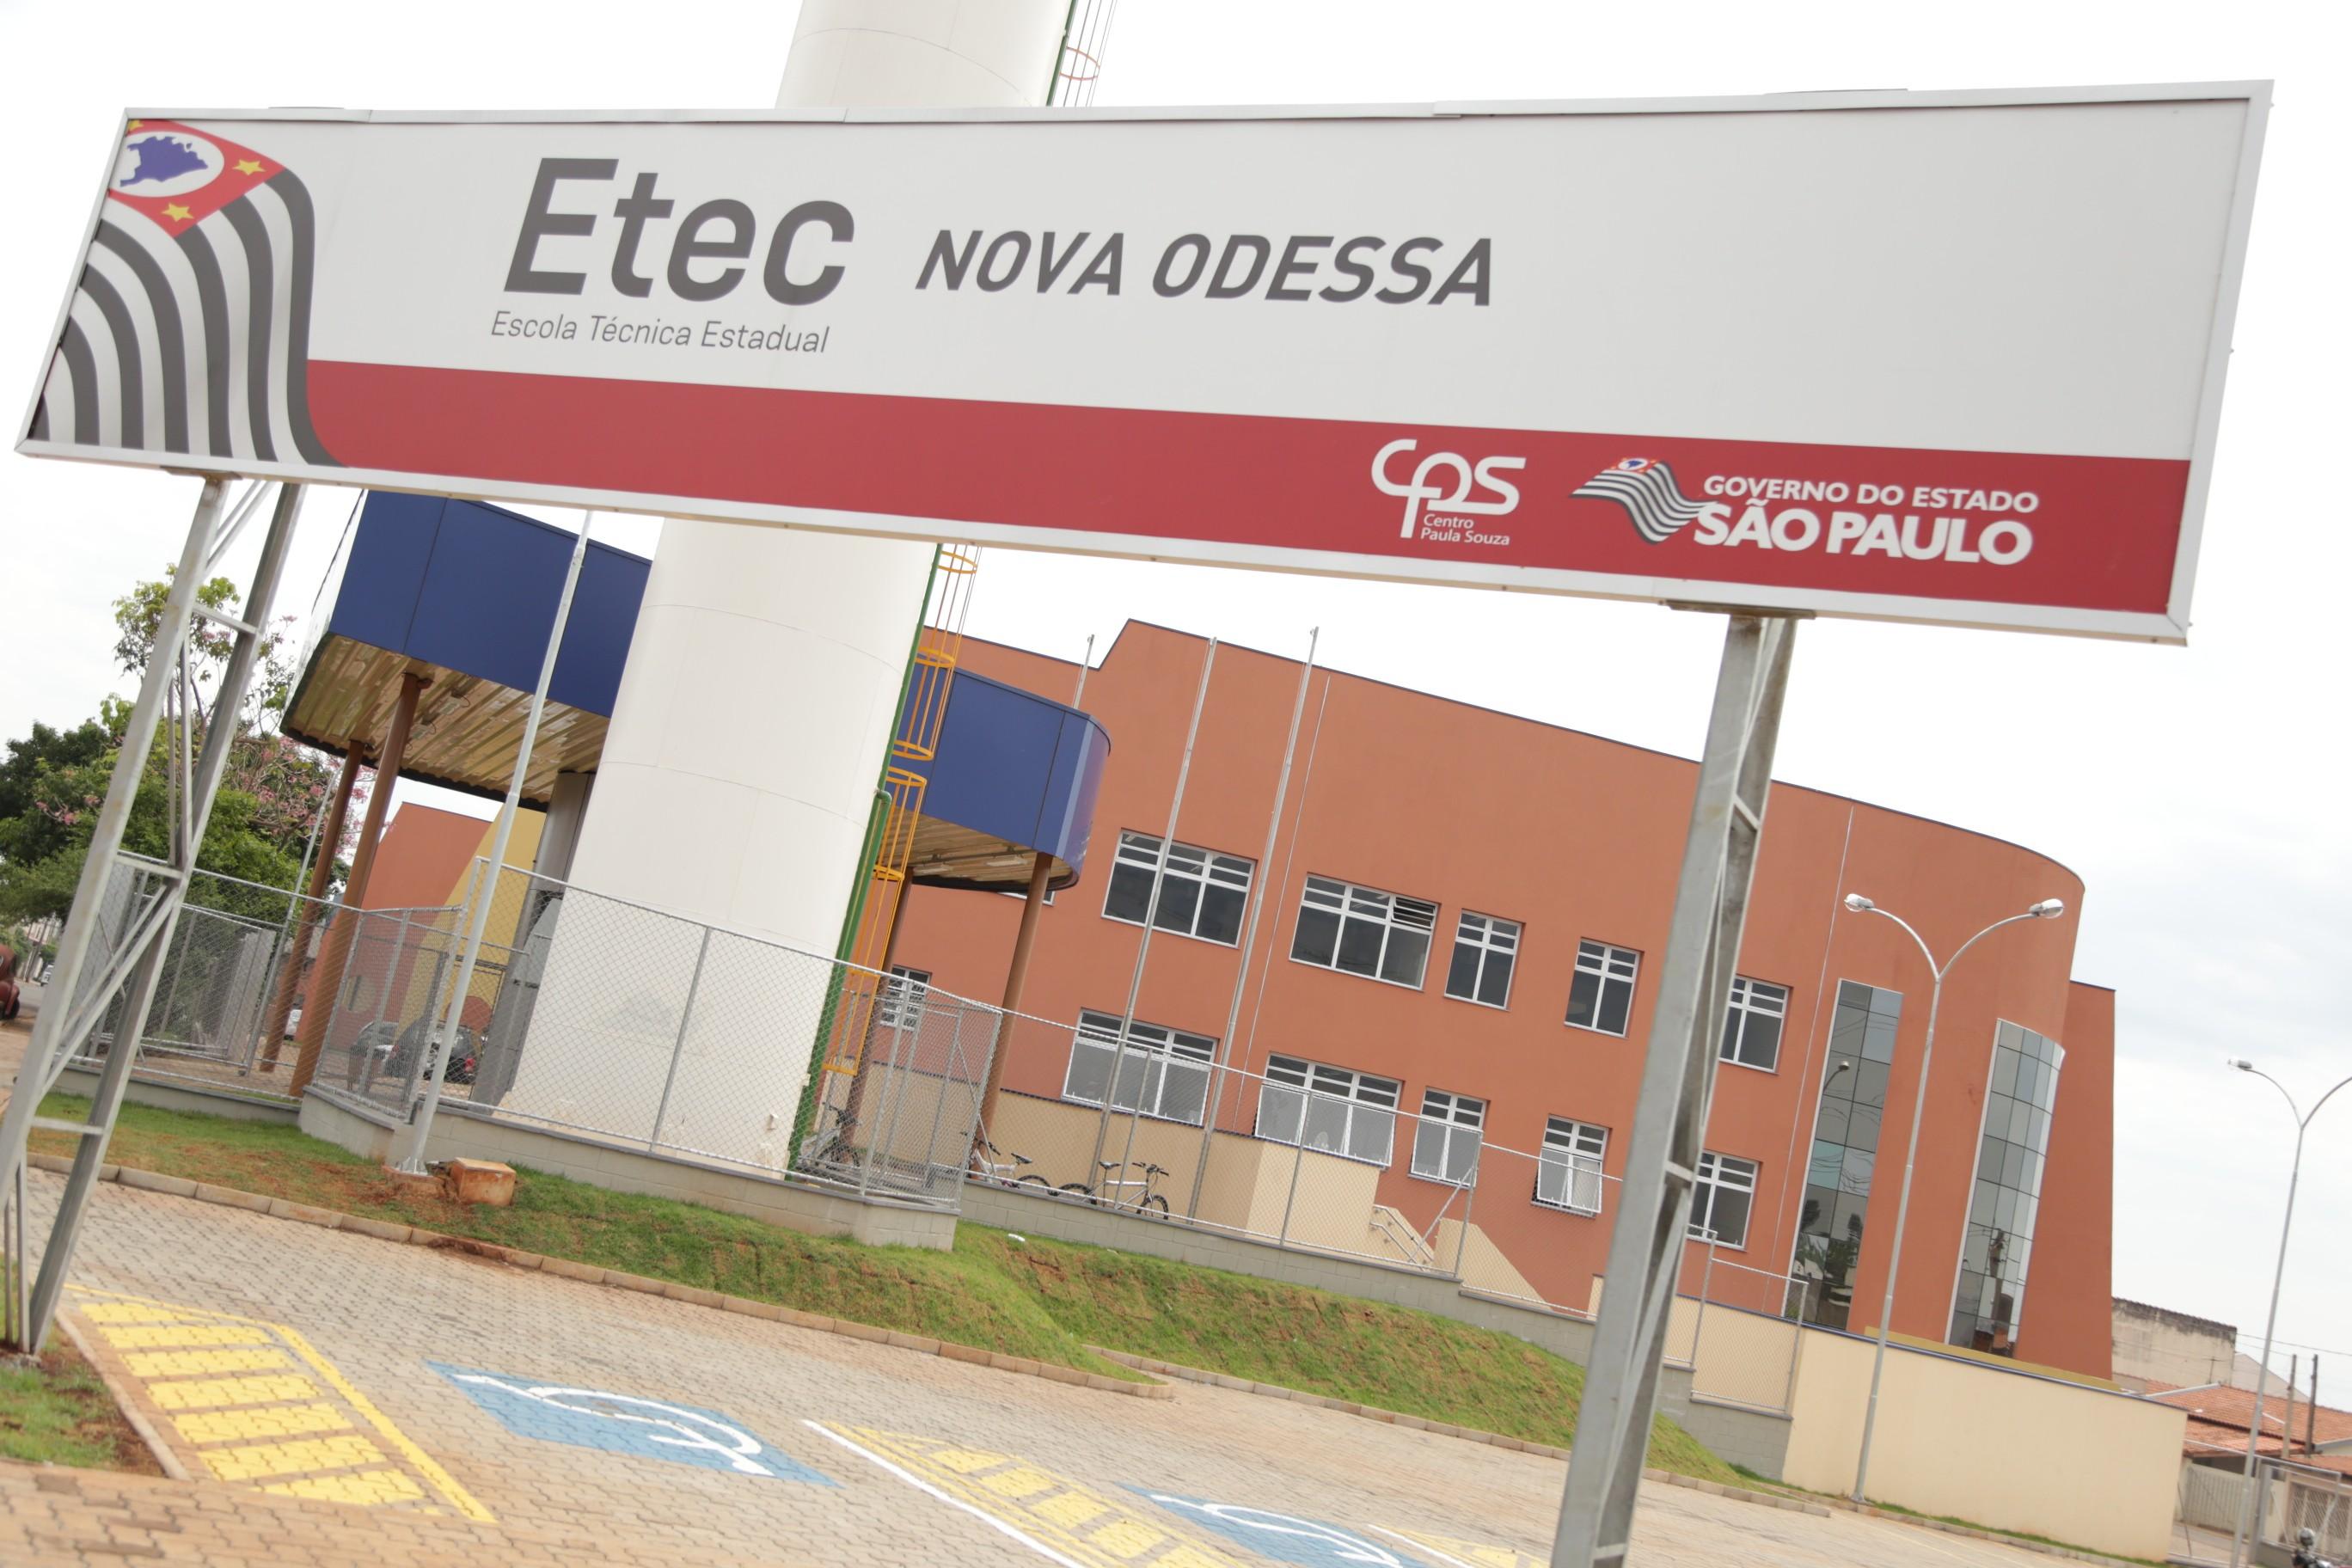 Etec de Nova Odessa abre processo seletivo para contratação de professores - Notícias - Plantão Diário